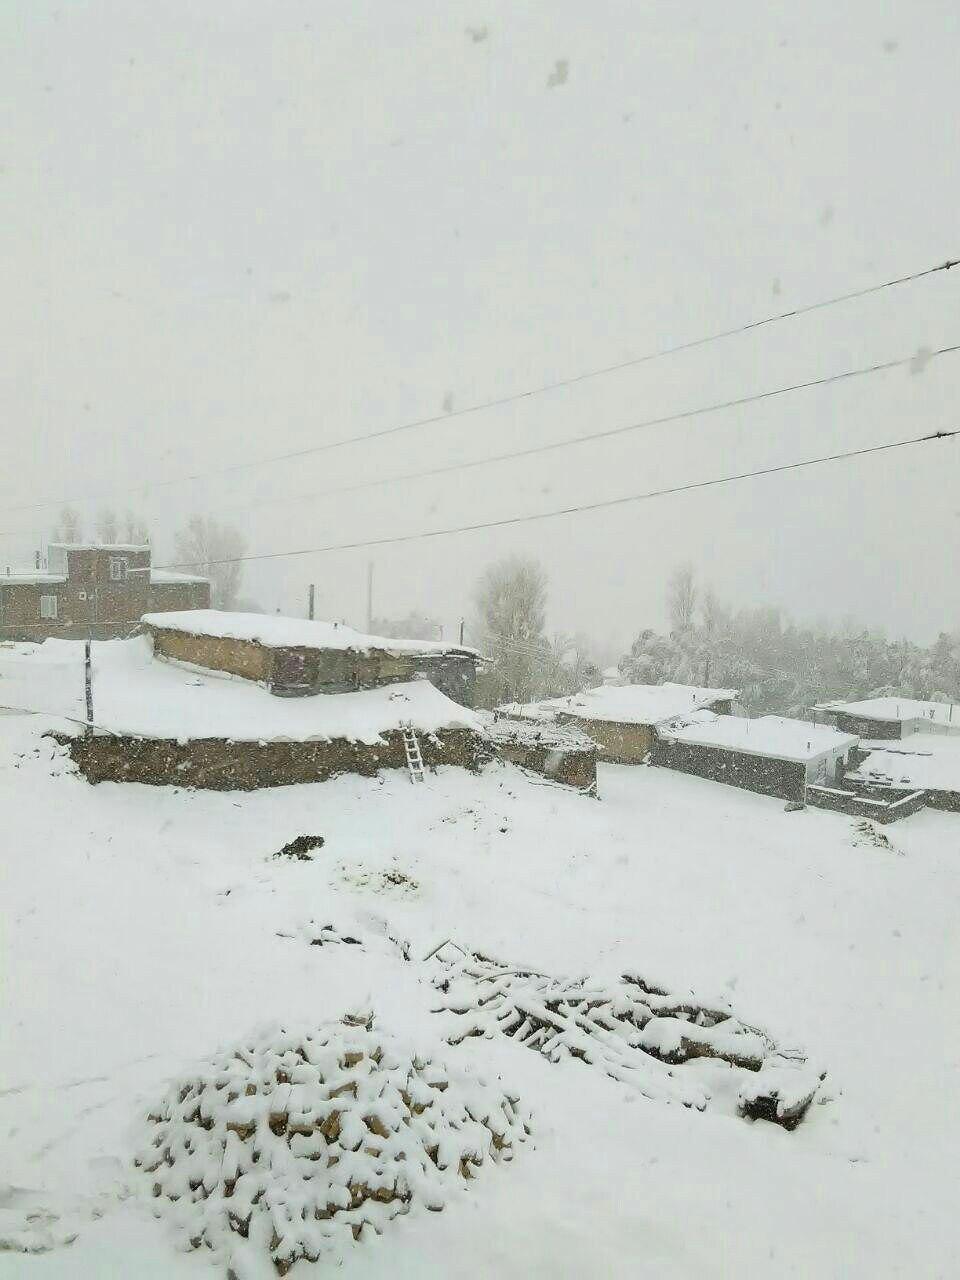 بارش برف در روستایی در کردستان